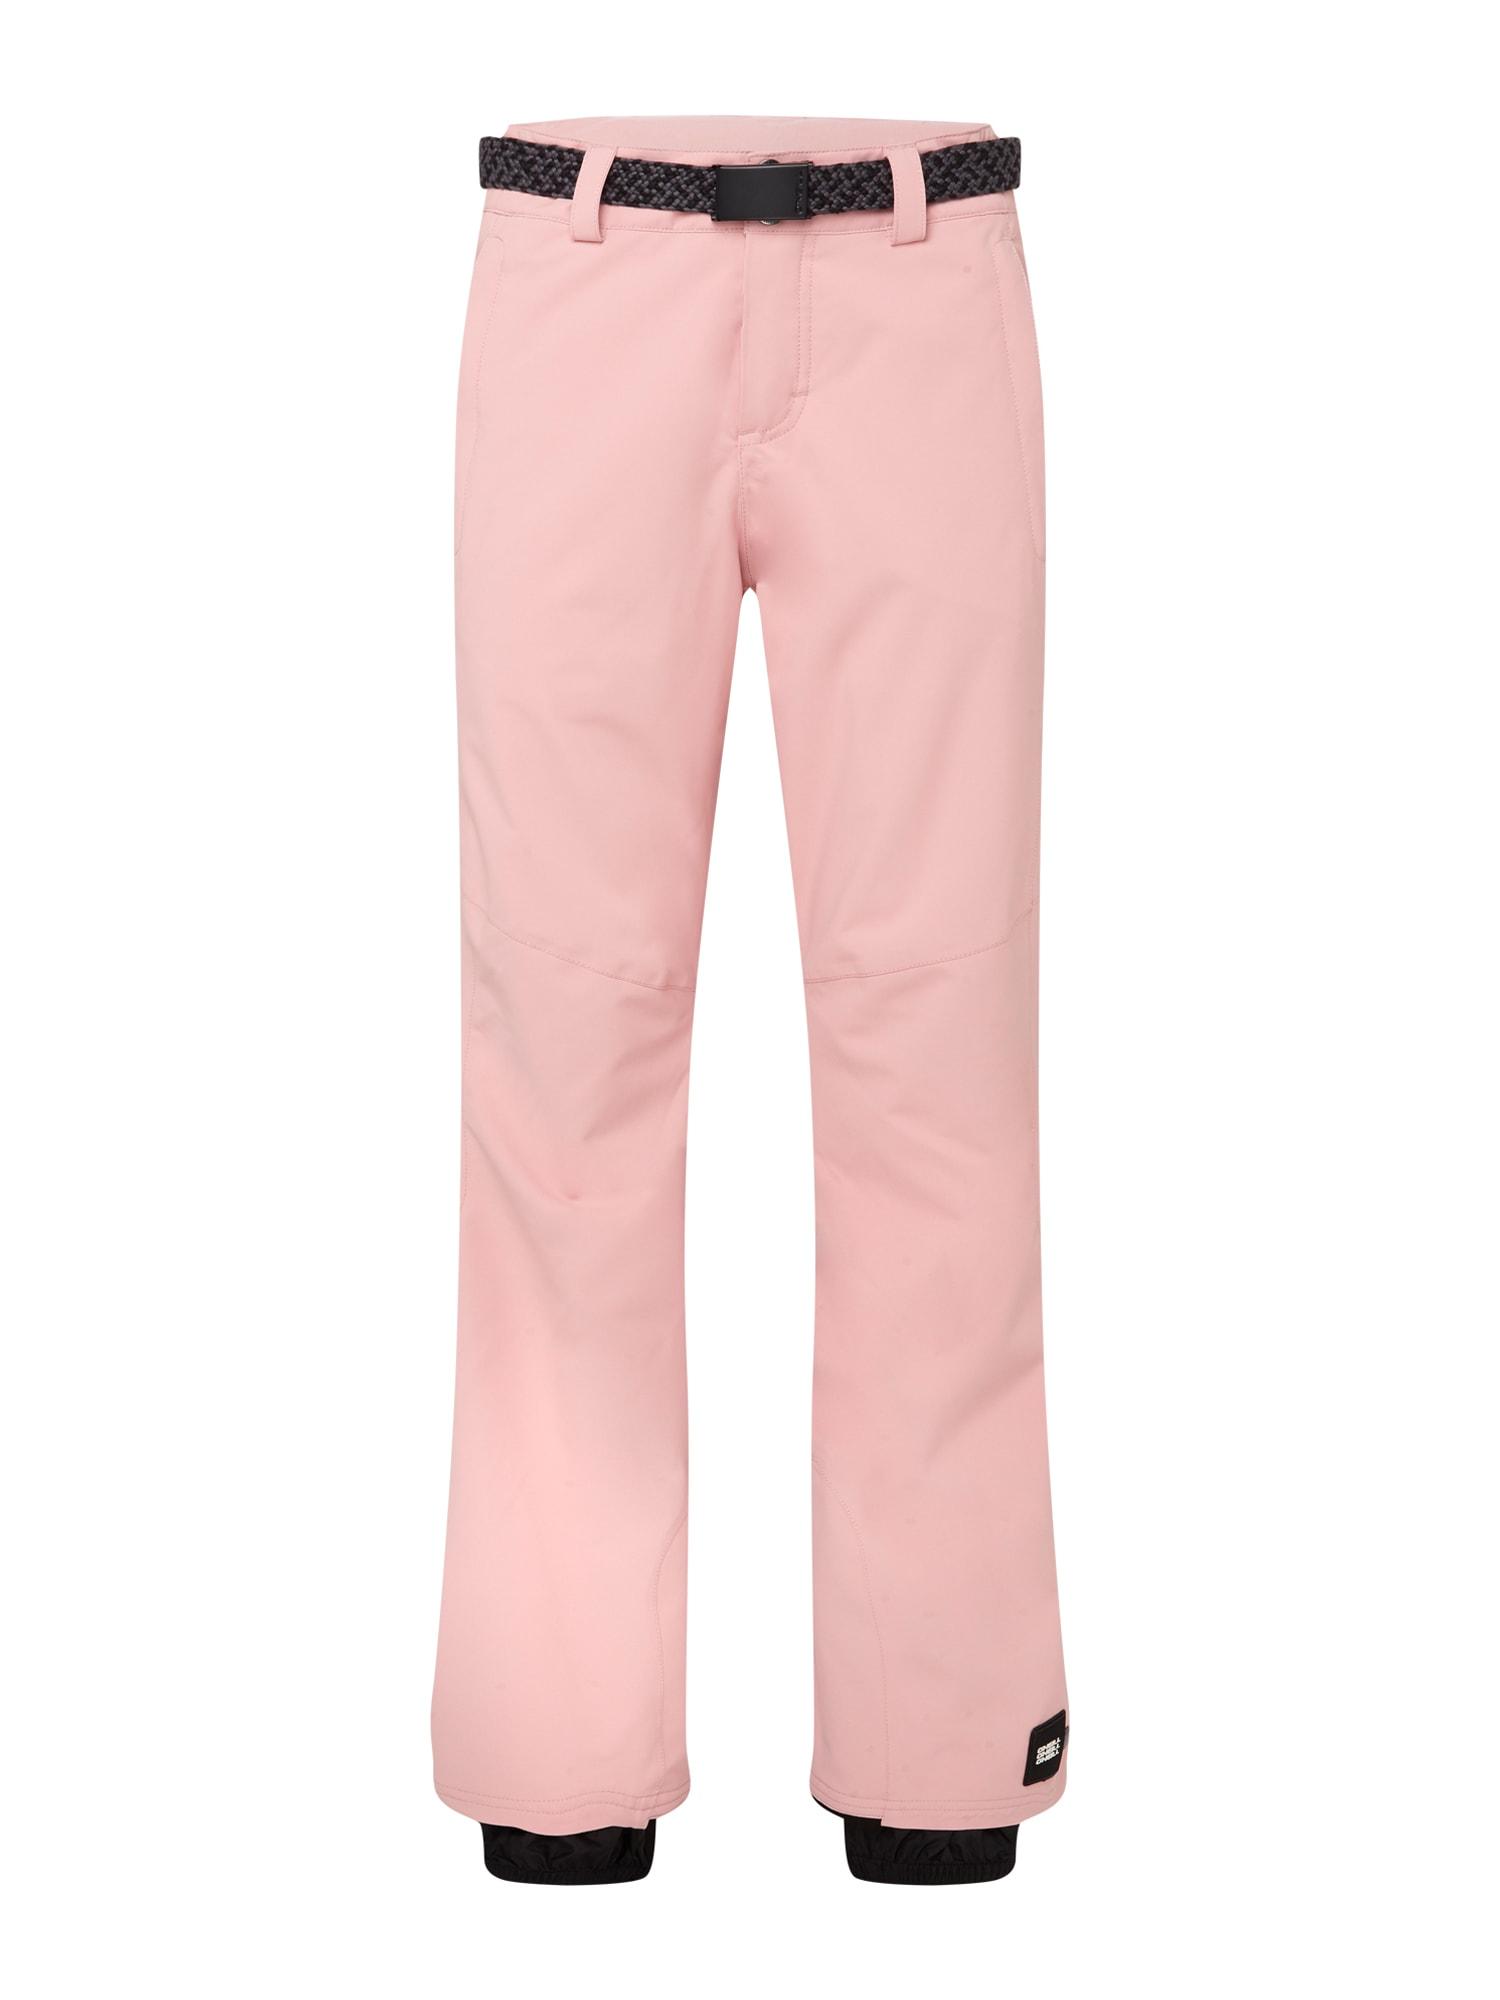 O'NEILL Sportinės kelnės 'PW STAR' rožių spalva